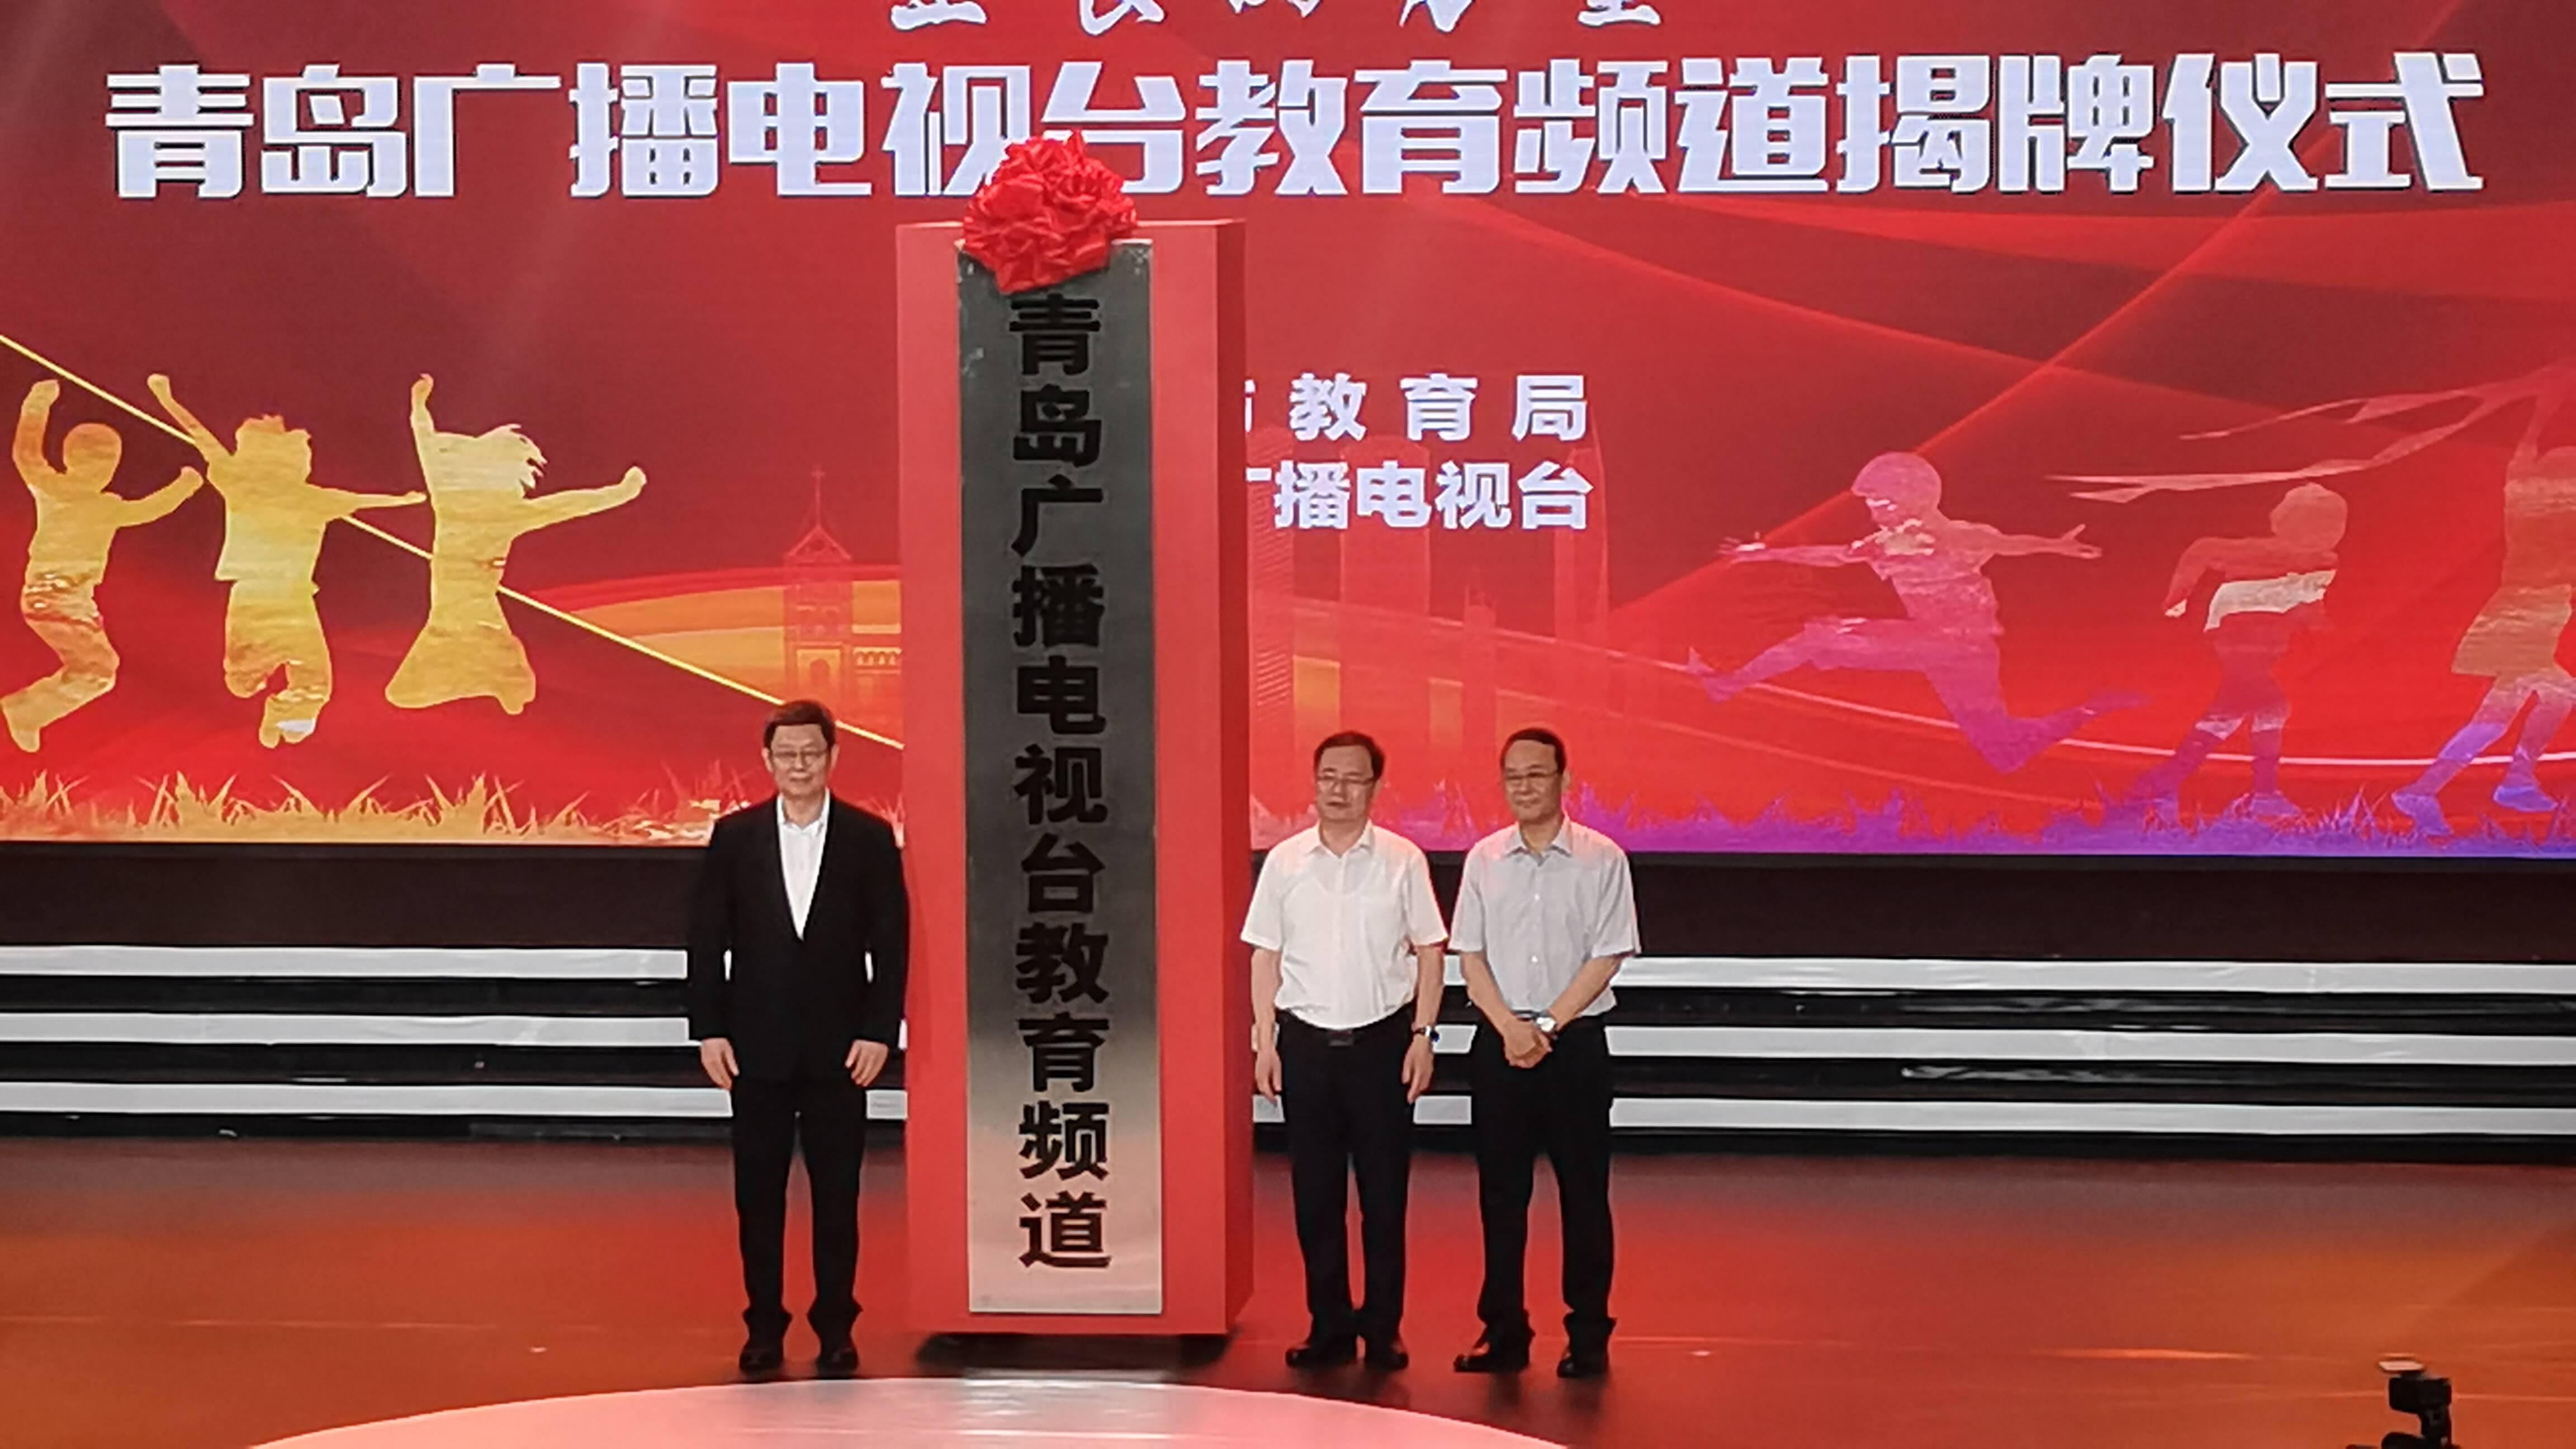 青岛教育频道揭牌  打造岛城最专业融媒教育直通车